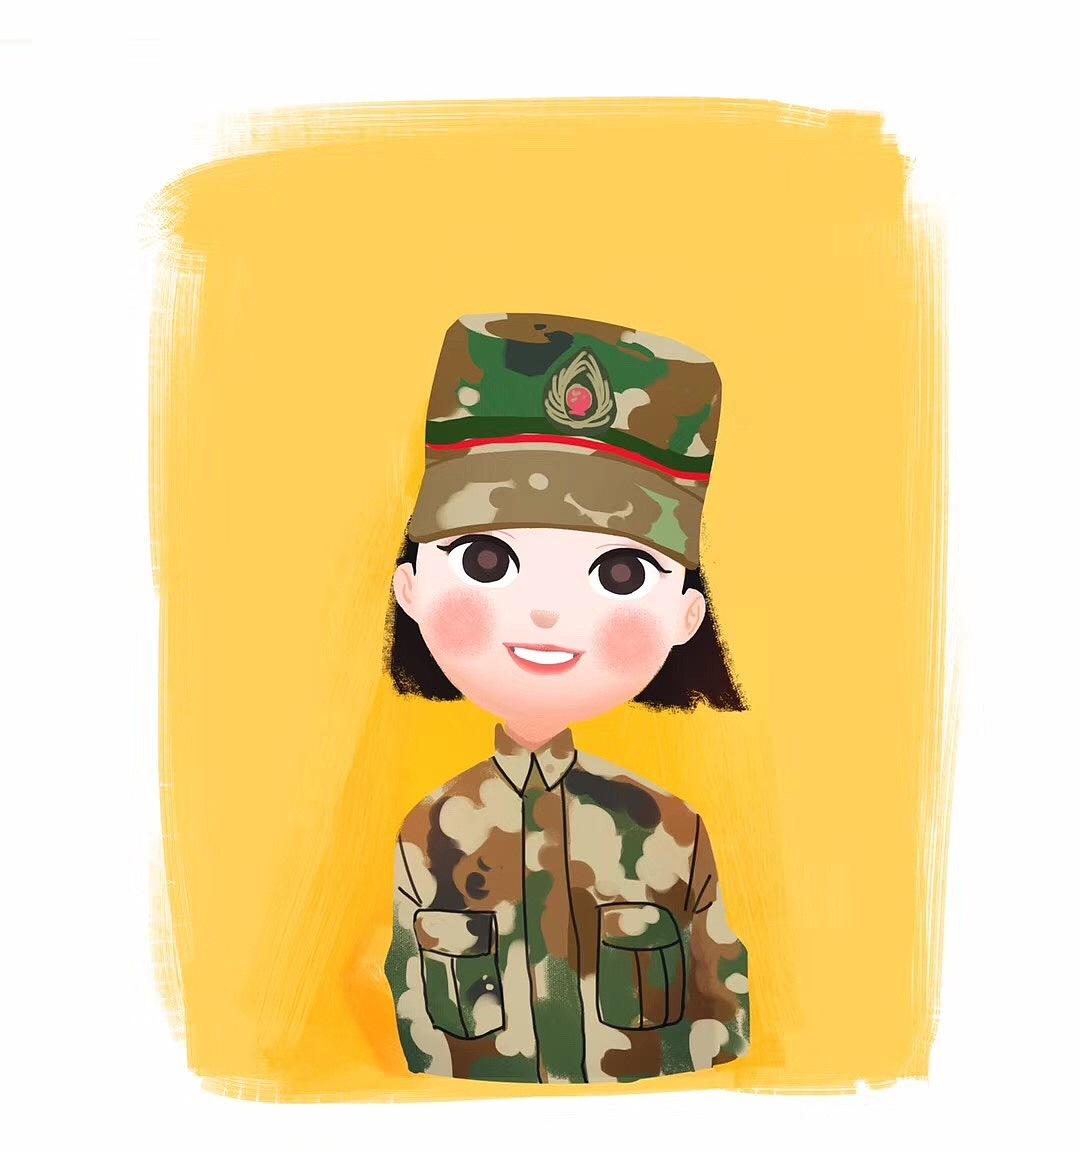 皮漫画 人物 娃娃漫画 熊肖像手绘馆YJ-原创作动漫孩子江应怜图片